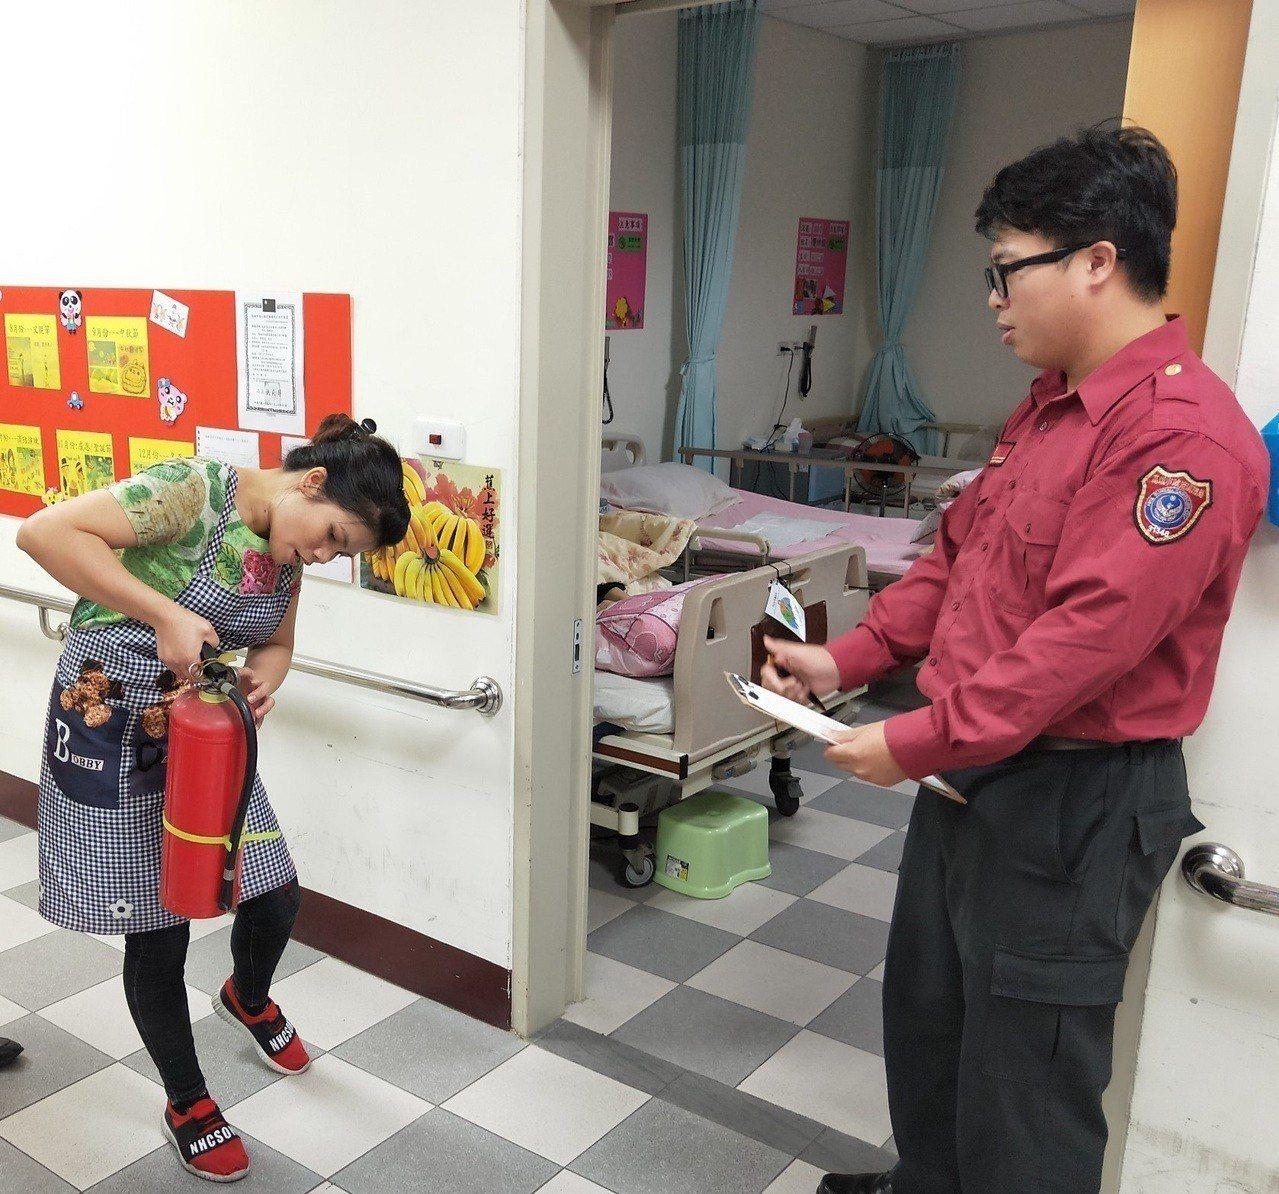 高市消防局第三大隊昨隨機突擊檢查林園區一間長期照護中心,針對外籍照護員及防火管理...